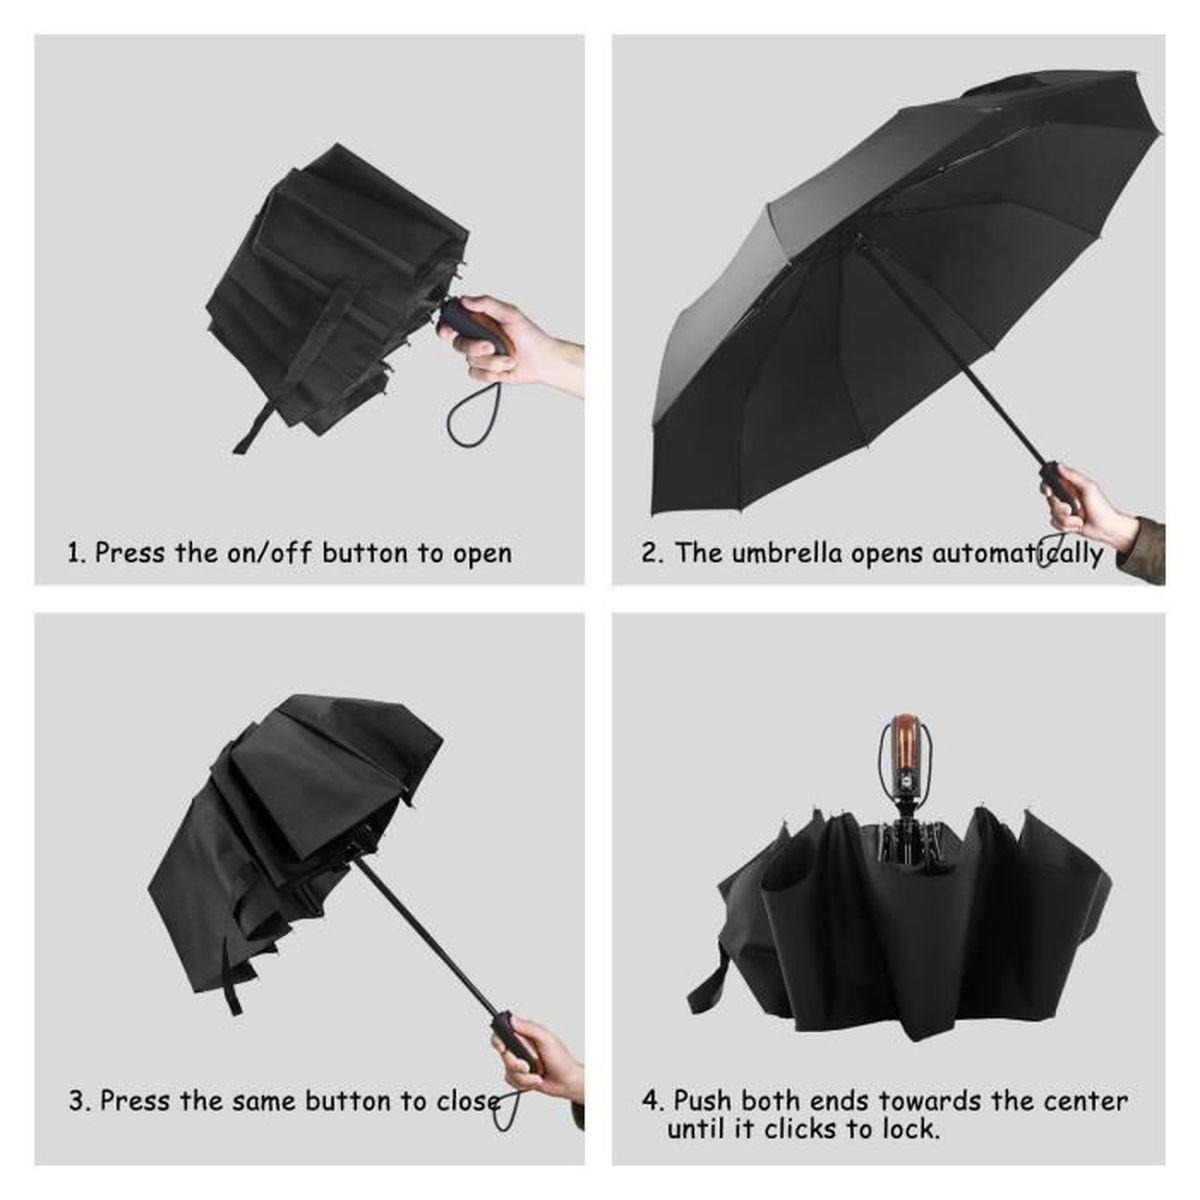 Incassable L/éger 10 Baleines Parapluie de Voyage Ouverture et Fermeture Automatique avec Rev/êtement en T/éflon pour Hommes et Femmes Imperm/éable /à leau Parapluie Pliant Heasy Parapluie Coupe-Vent